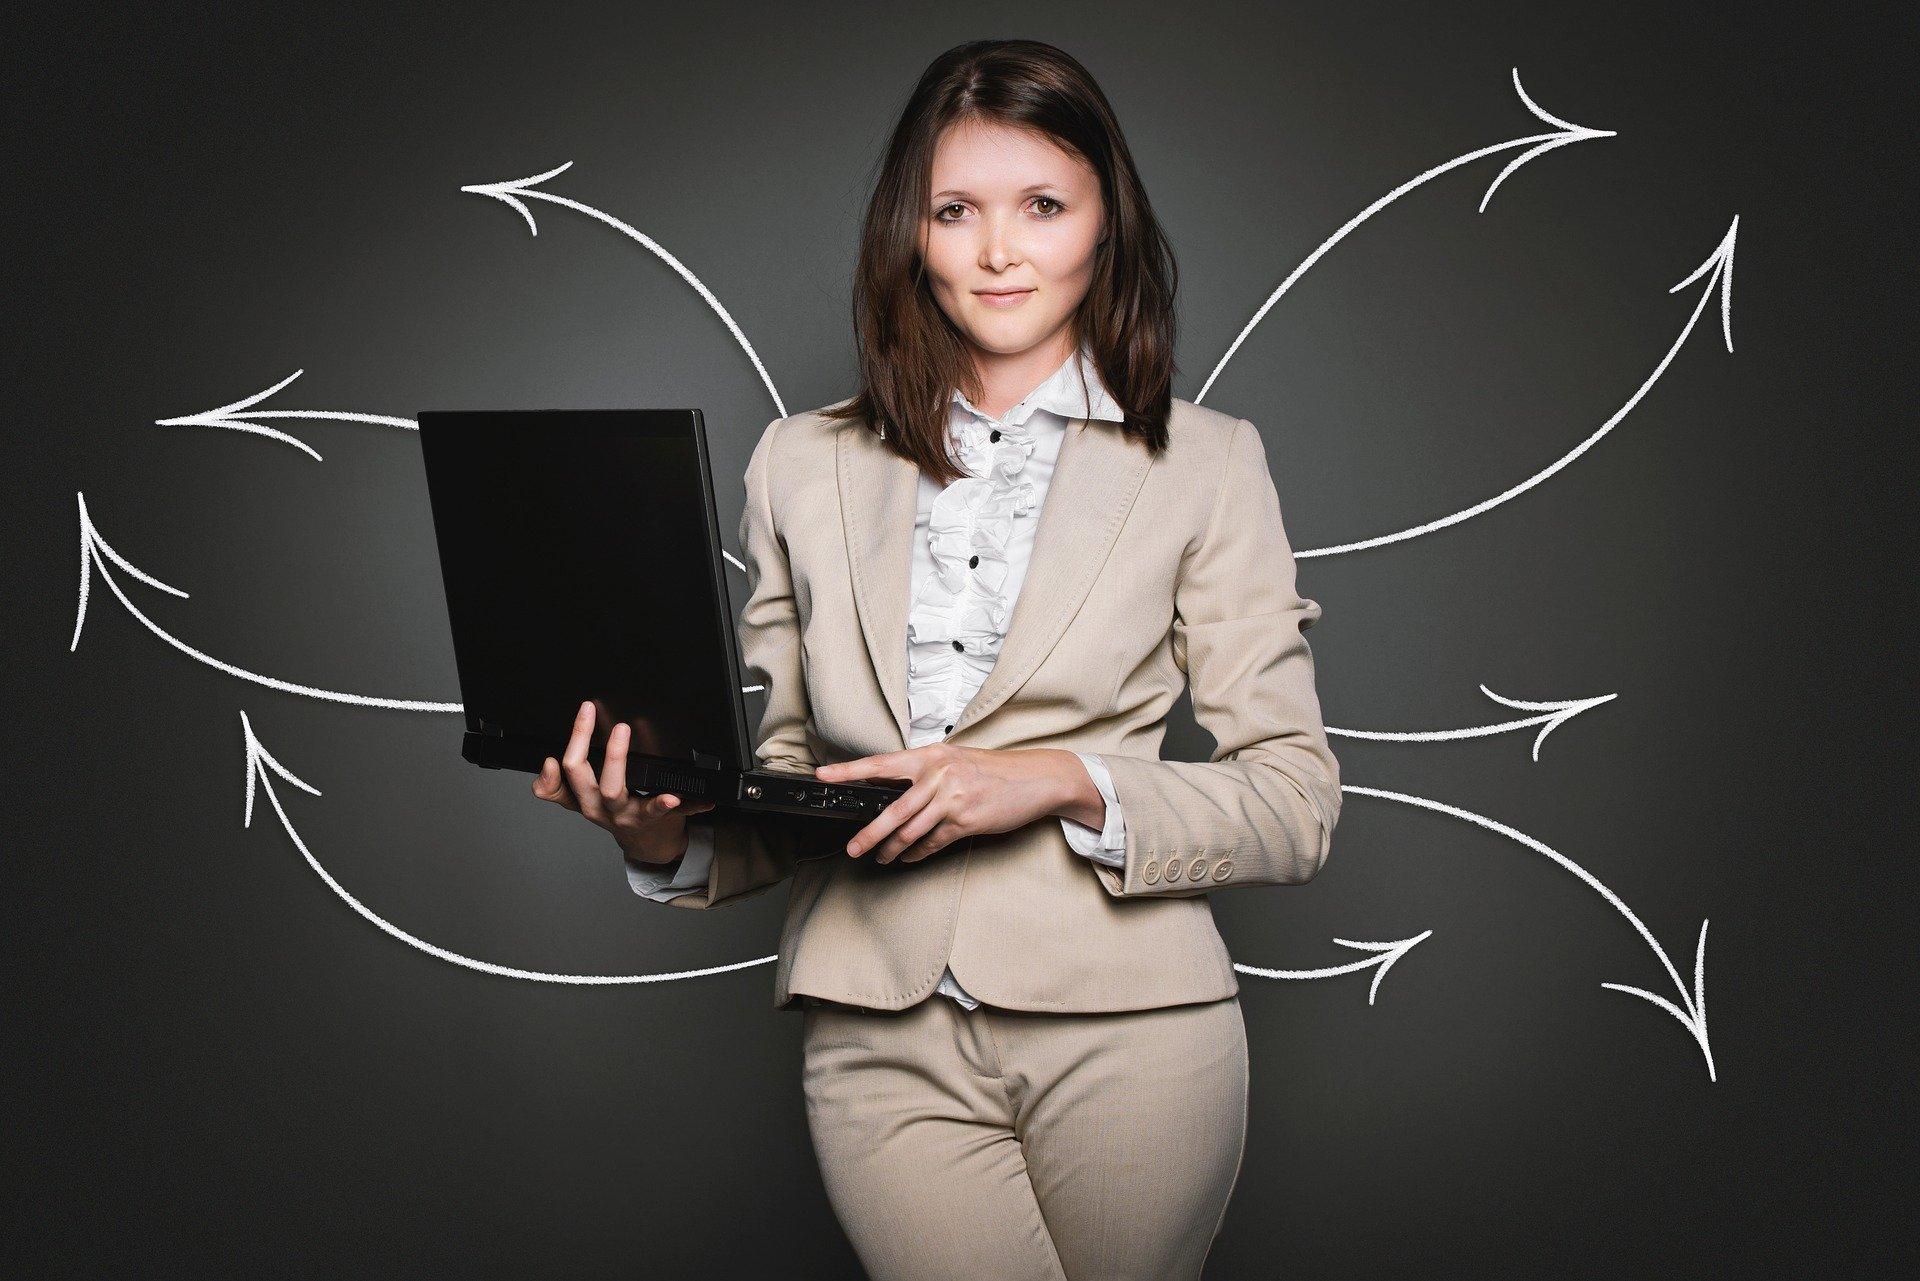 Wybierz zarządzanie i zapewnij sobie pracę po studiach